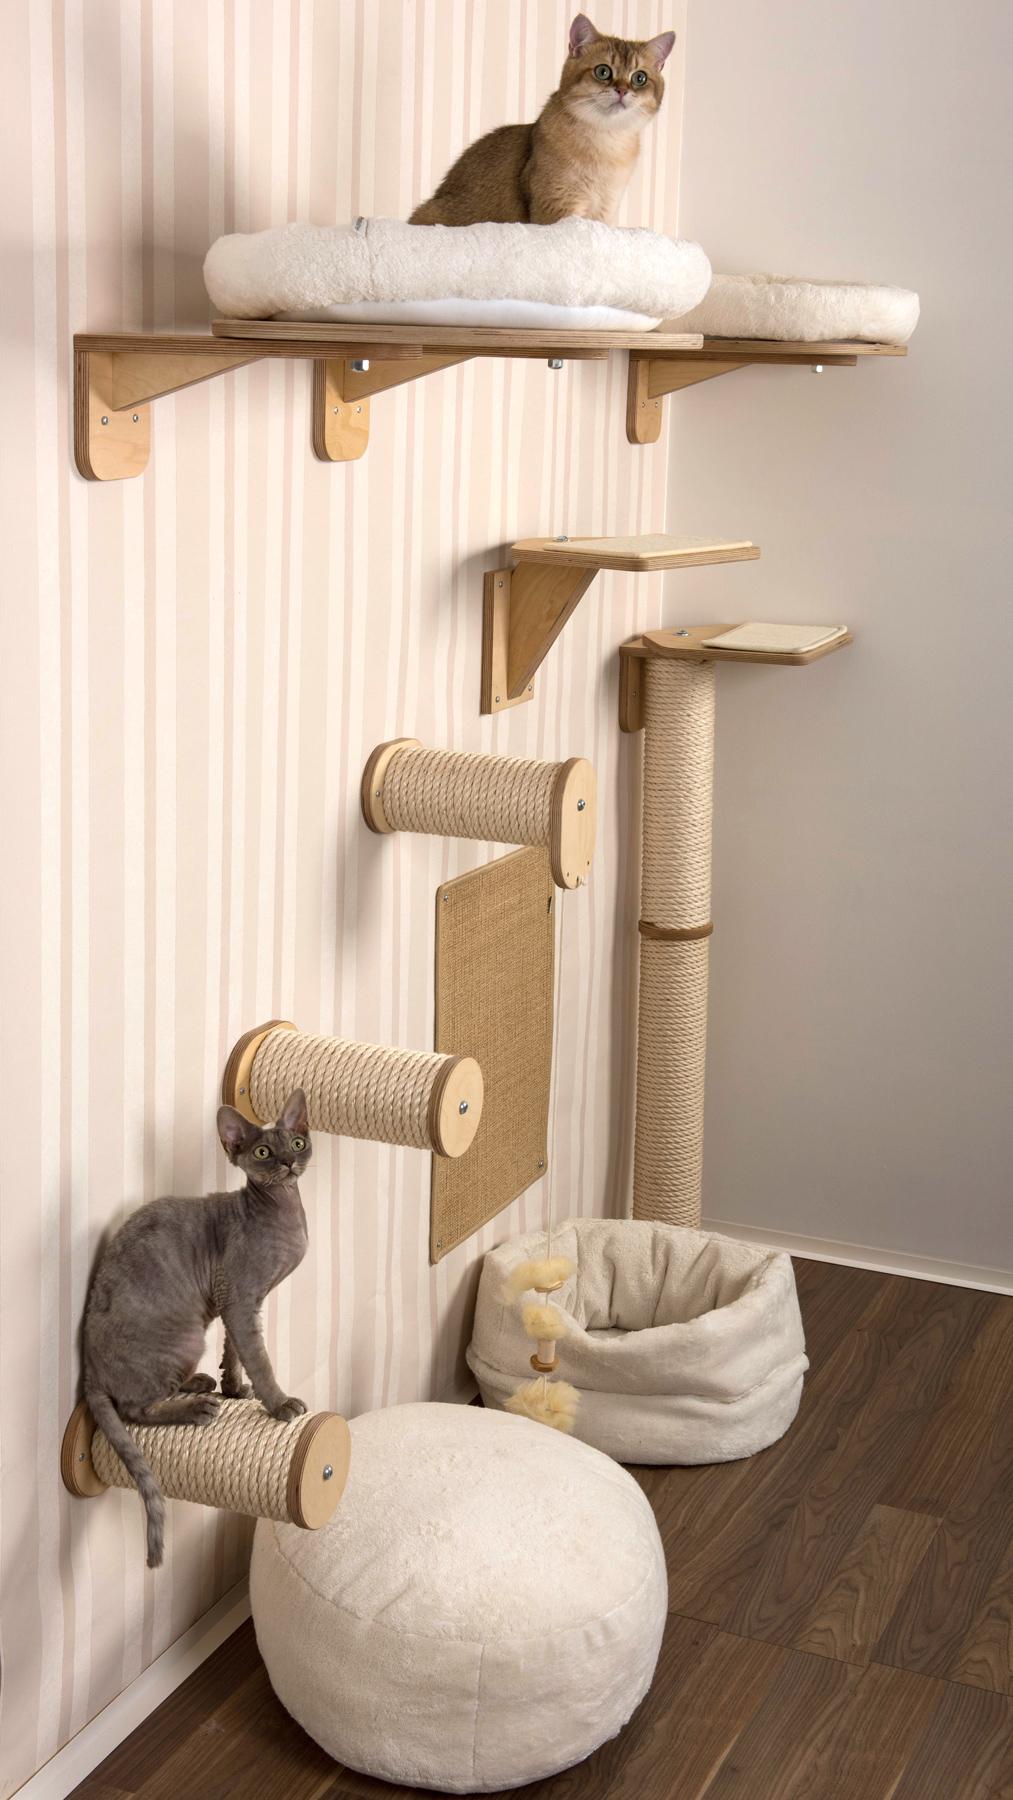 Kletterwand für Katzen   Katzenmöbel für die Wandgestaltung